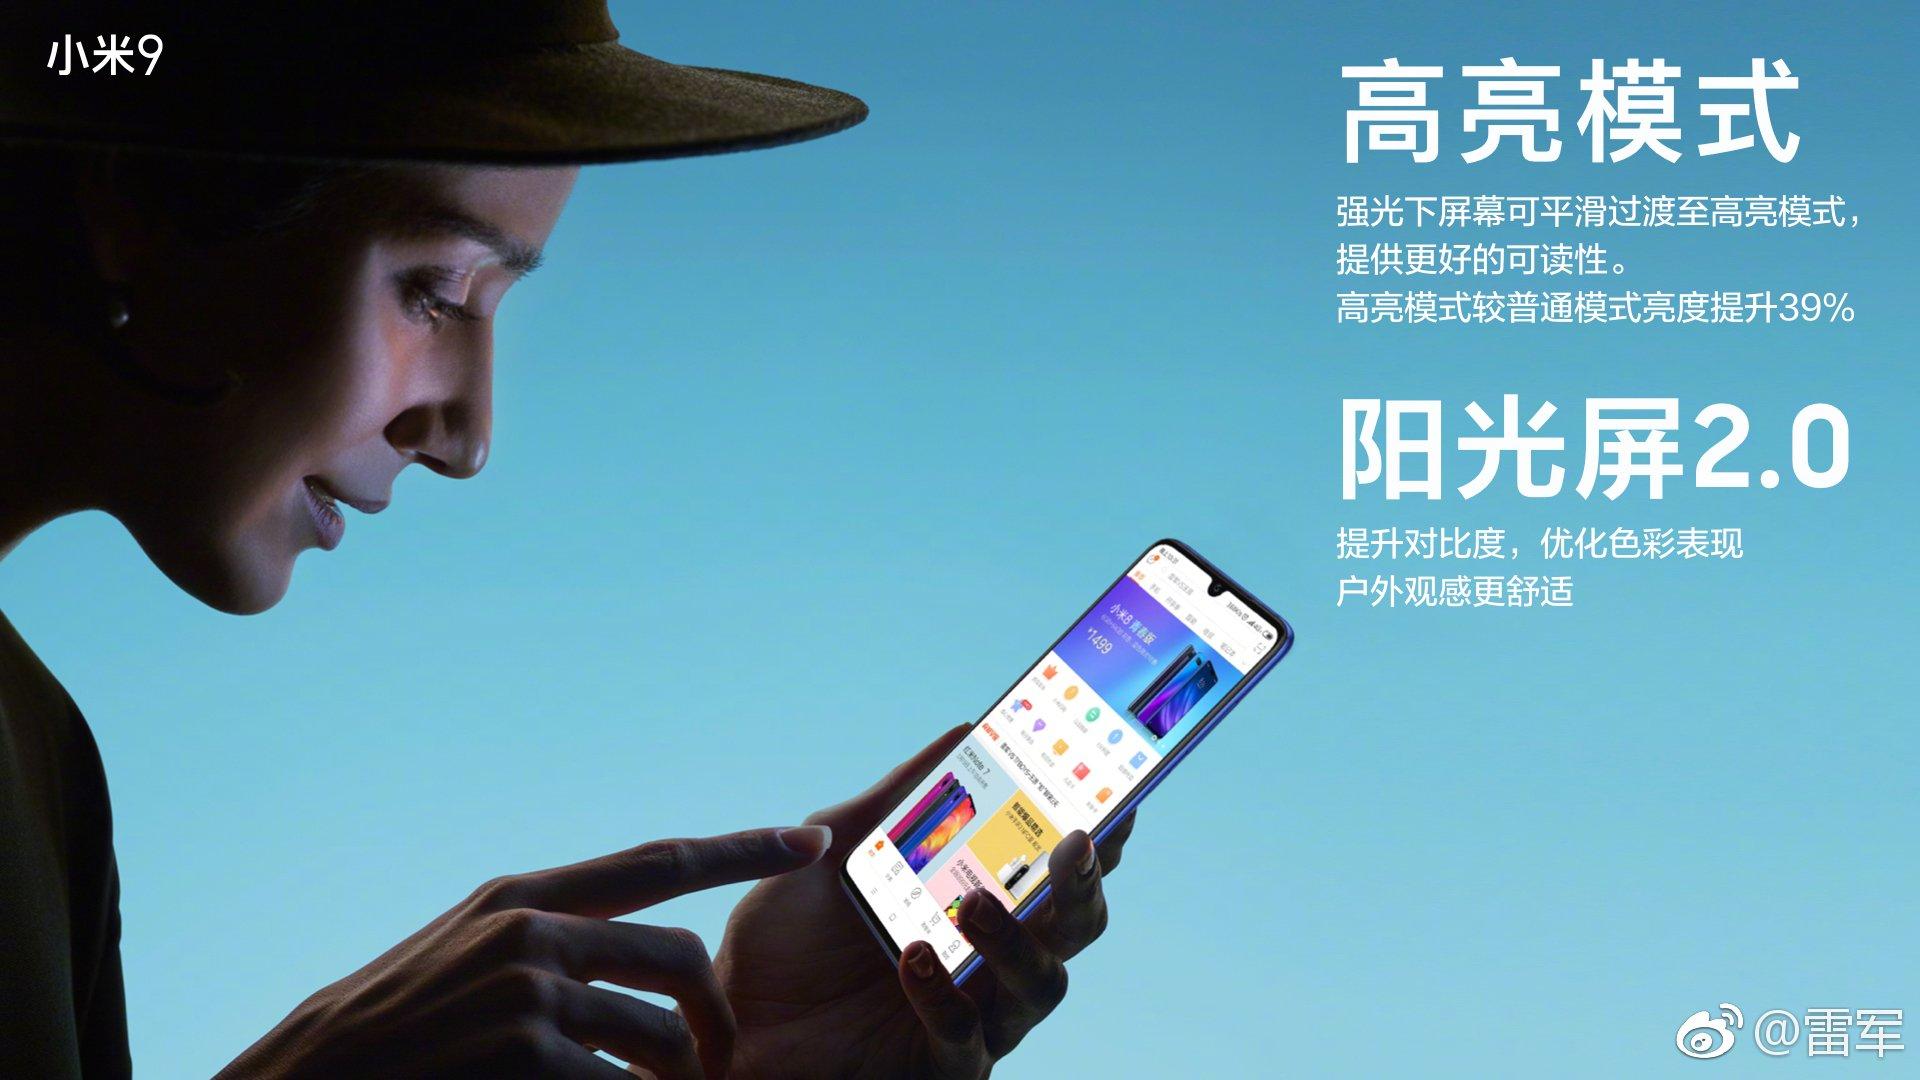 Xiaomi Mi 9 2nd generation Sunlight Display